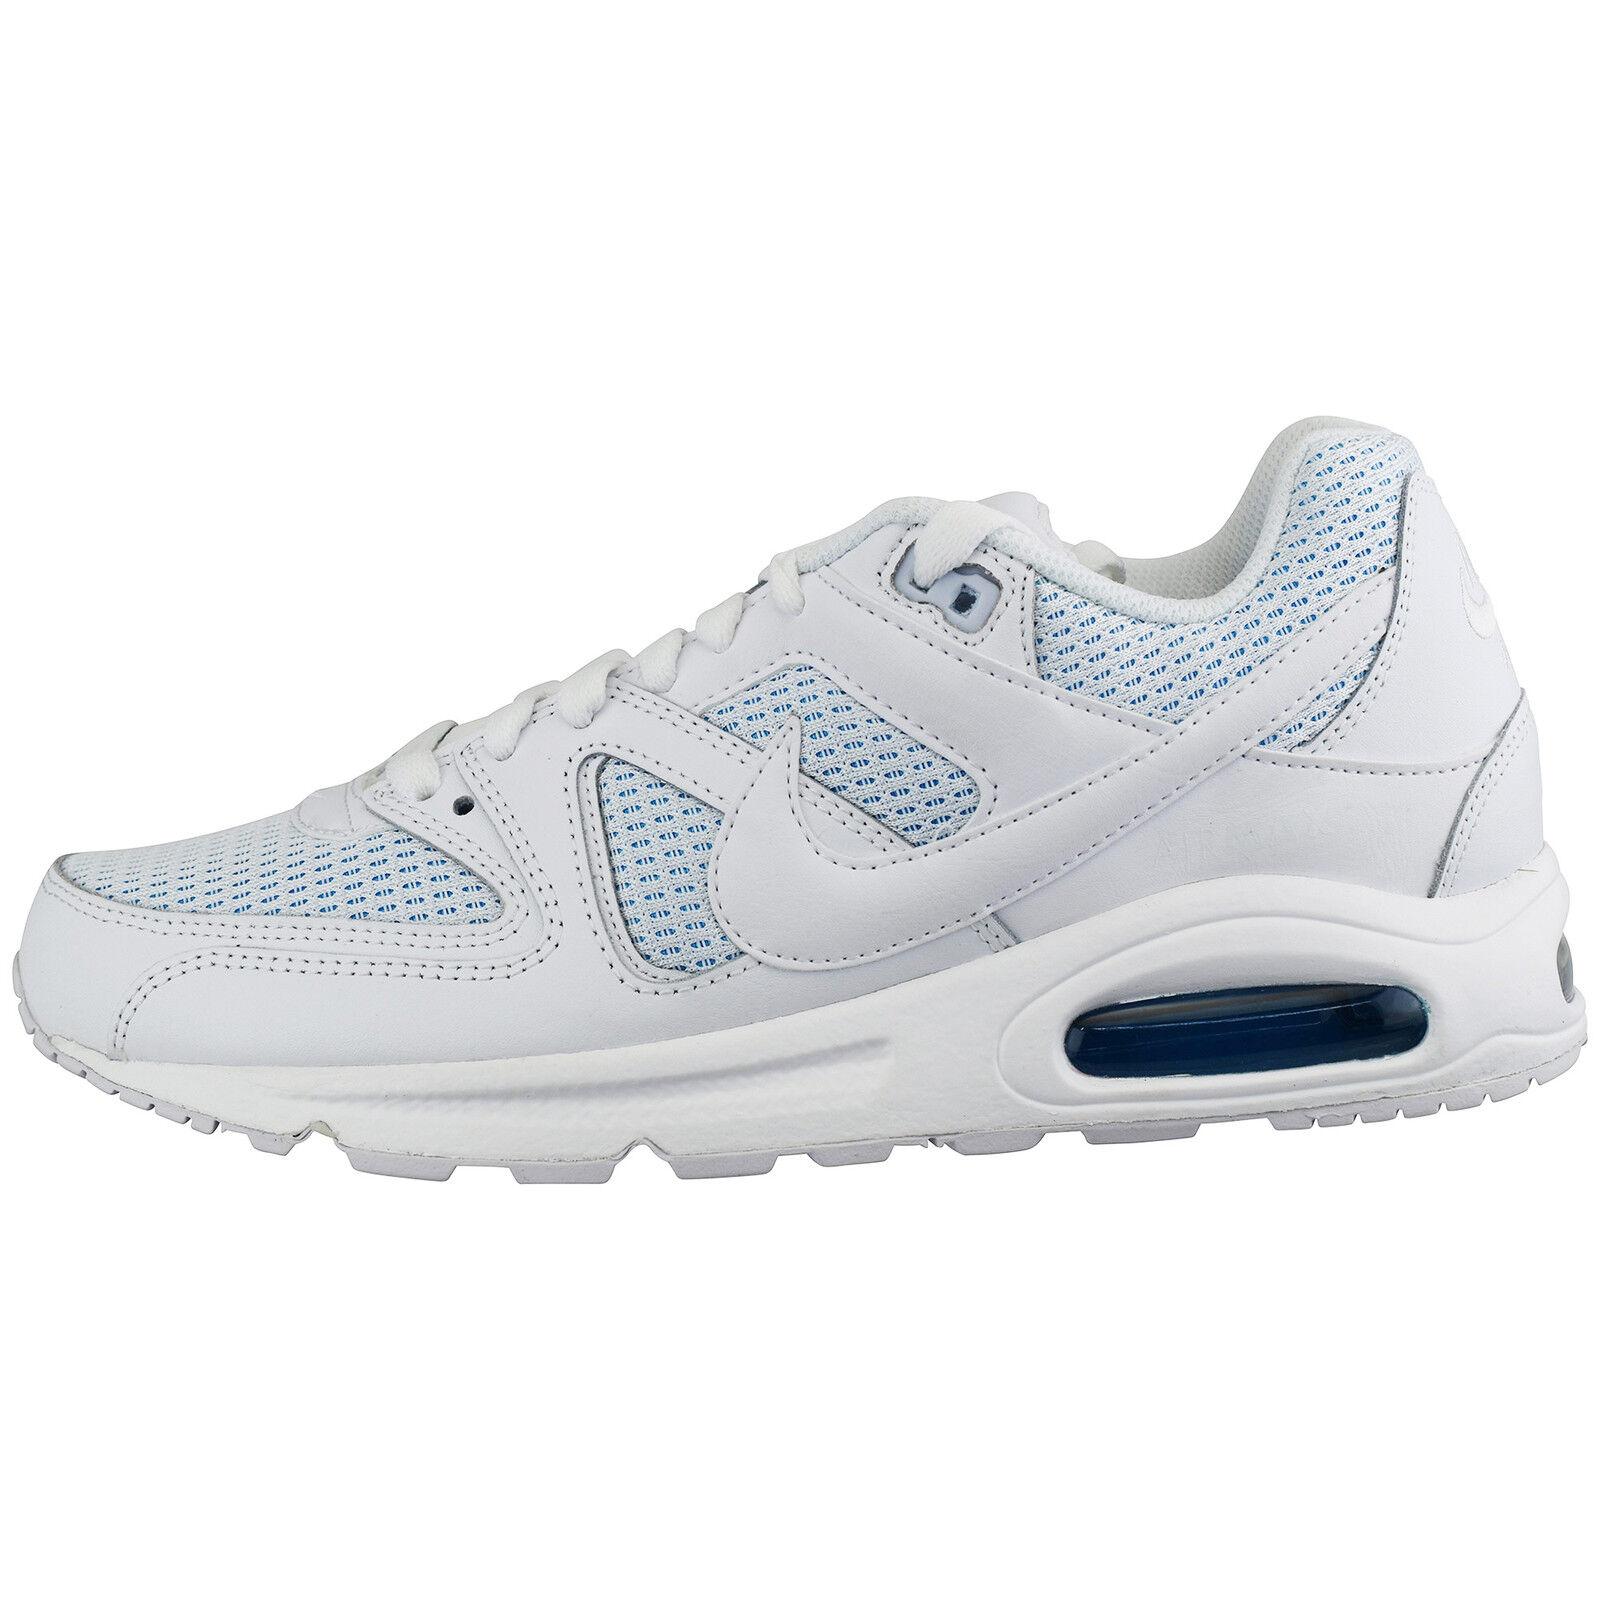 Wmns Di Nike Comando Max Aria 397690-123 Stile Di Wmns Vita   Da Corsa Corsa. 711fd2